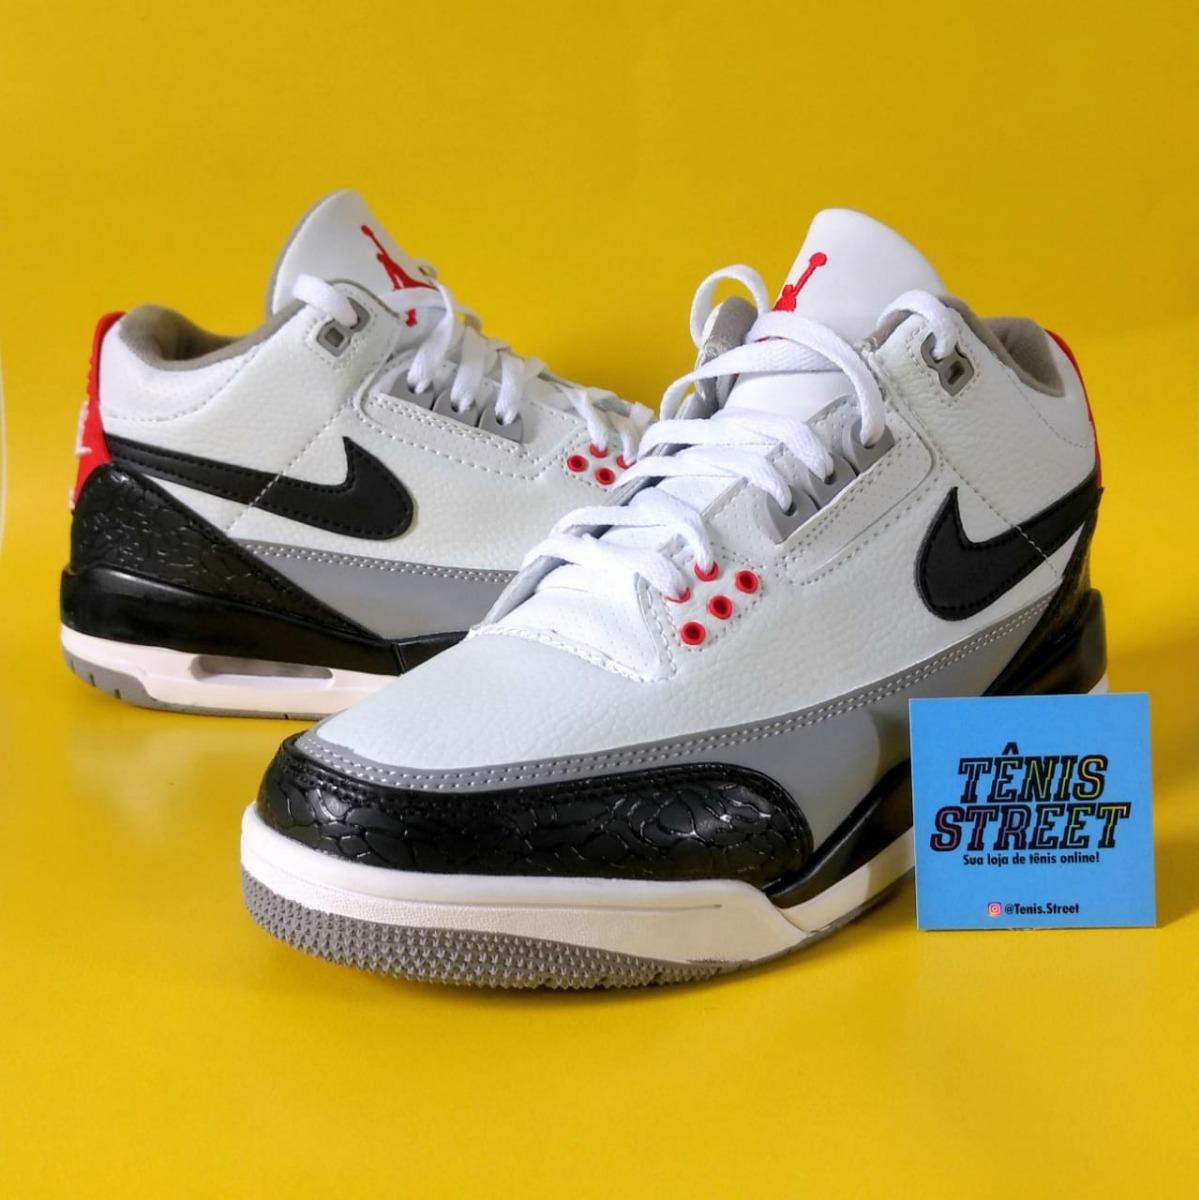 4847e27ba86 Tênis Nike Air Jordan 3 - Tinker Hatfield - Branco   Preto - R  480 ...